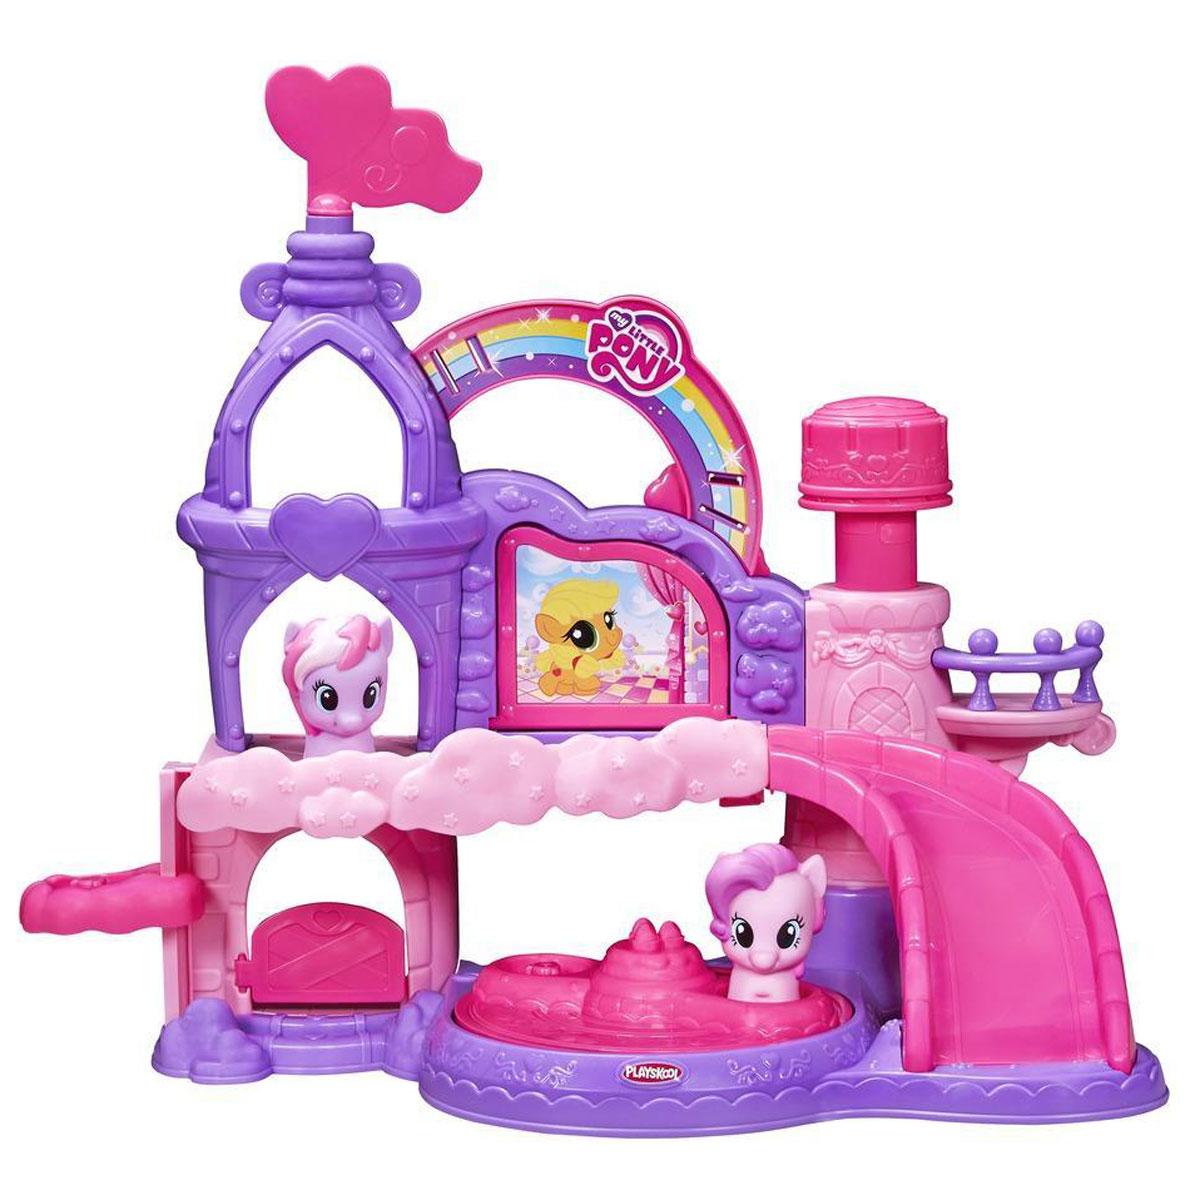 Playskool Игровой набор My Little Pony: Замок пониB1648Игровой набор Playskool My Little Pony: Замок пони создан специально для самых маленьких поклонниц симпатичных лошадок. Все элементы набора выполнены из безопасного и прочного материала. Замок имеет два этажа и много интересных элементов. Наверху есть башенки, балкончик, имеется большая кнопка, которая при нажатии активирует приятную мелодию. На башенке есть поворачивающийся флюгер. Также вашу малушку ждет открывающаяся стенка с нарисованной на ней пони Эплджек. Вниз на первый этаж спускается лесенка-горка, по которой малышке будет интересно катать пони. Другой способ поднимать - спускать фигурки на этажи - это лифт, находящийся сбоку. На первом этаже присутствует открывающаяся дверца и крутящаяся карусель. Поставив фигурки на нее, можно представлять как пони развлекаются в их прекрасном замке. Две фигурки пони, входящие в комплект: Пинки Пай и Стар Сонг. Поняшки очень удобны для захвата детскими пальчиками. Порадуйте ребенка таким замечательным подарком! ...